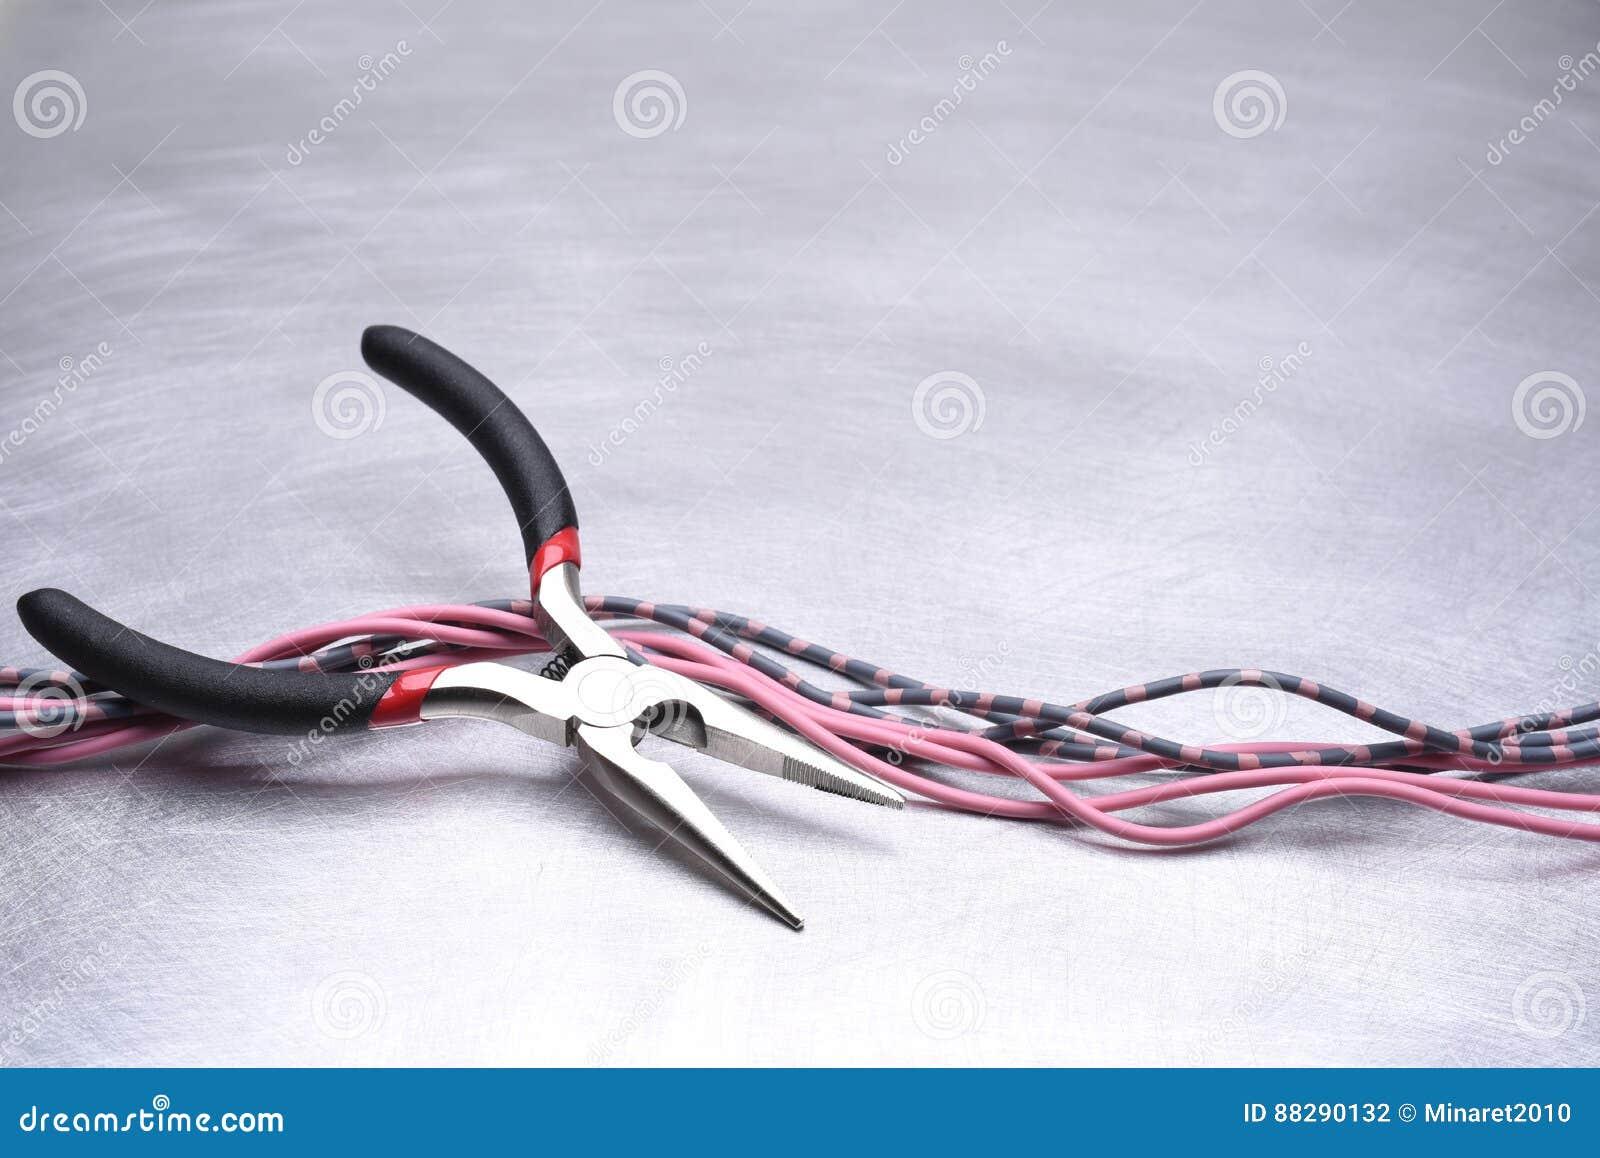 Werkzeug Und Kabel Für Elektrische Installation Stockfoto - Bild von ...